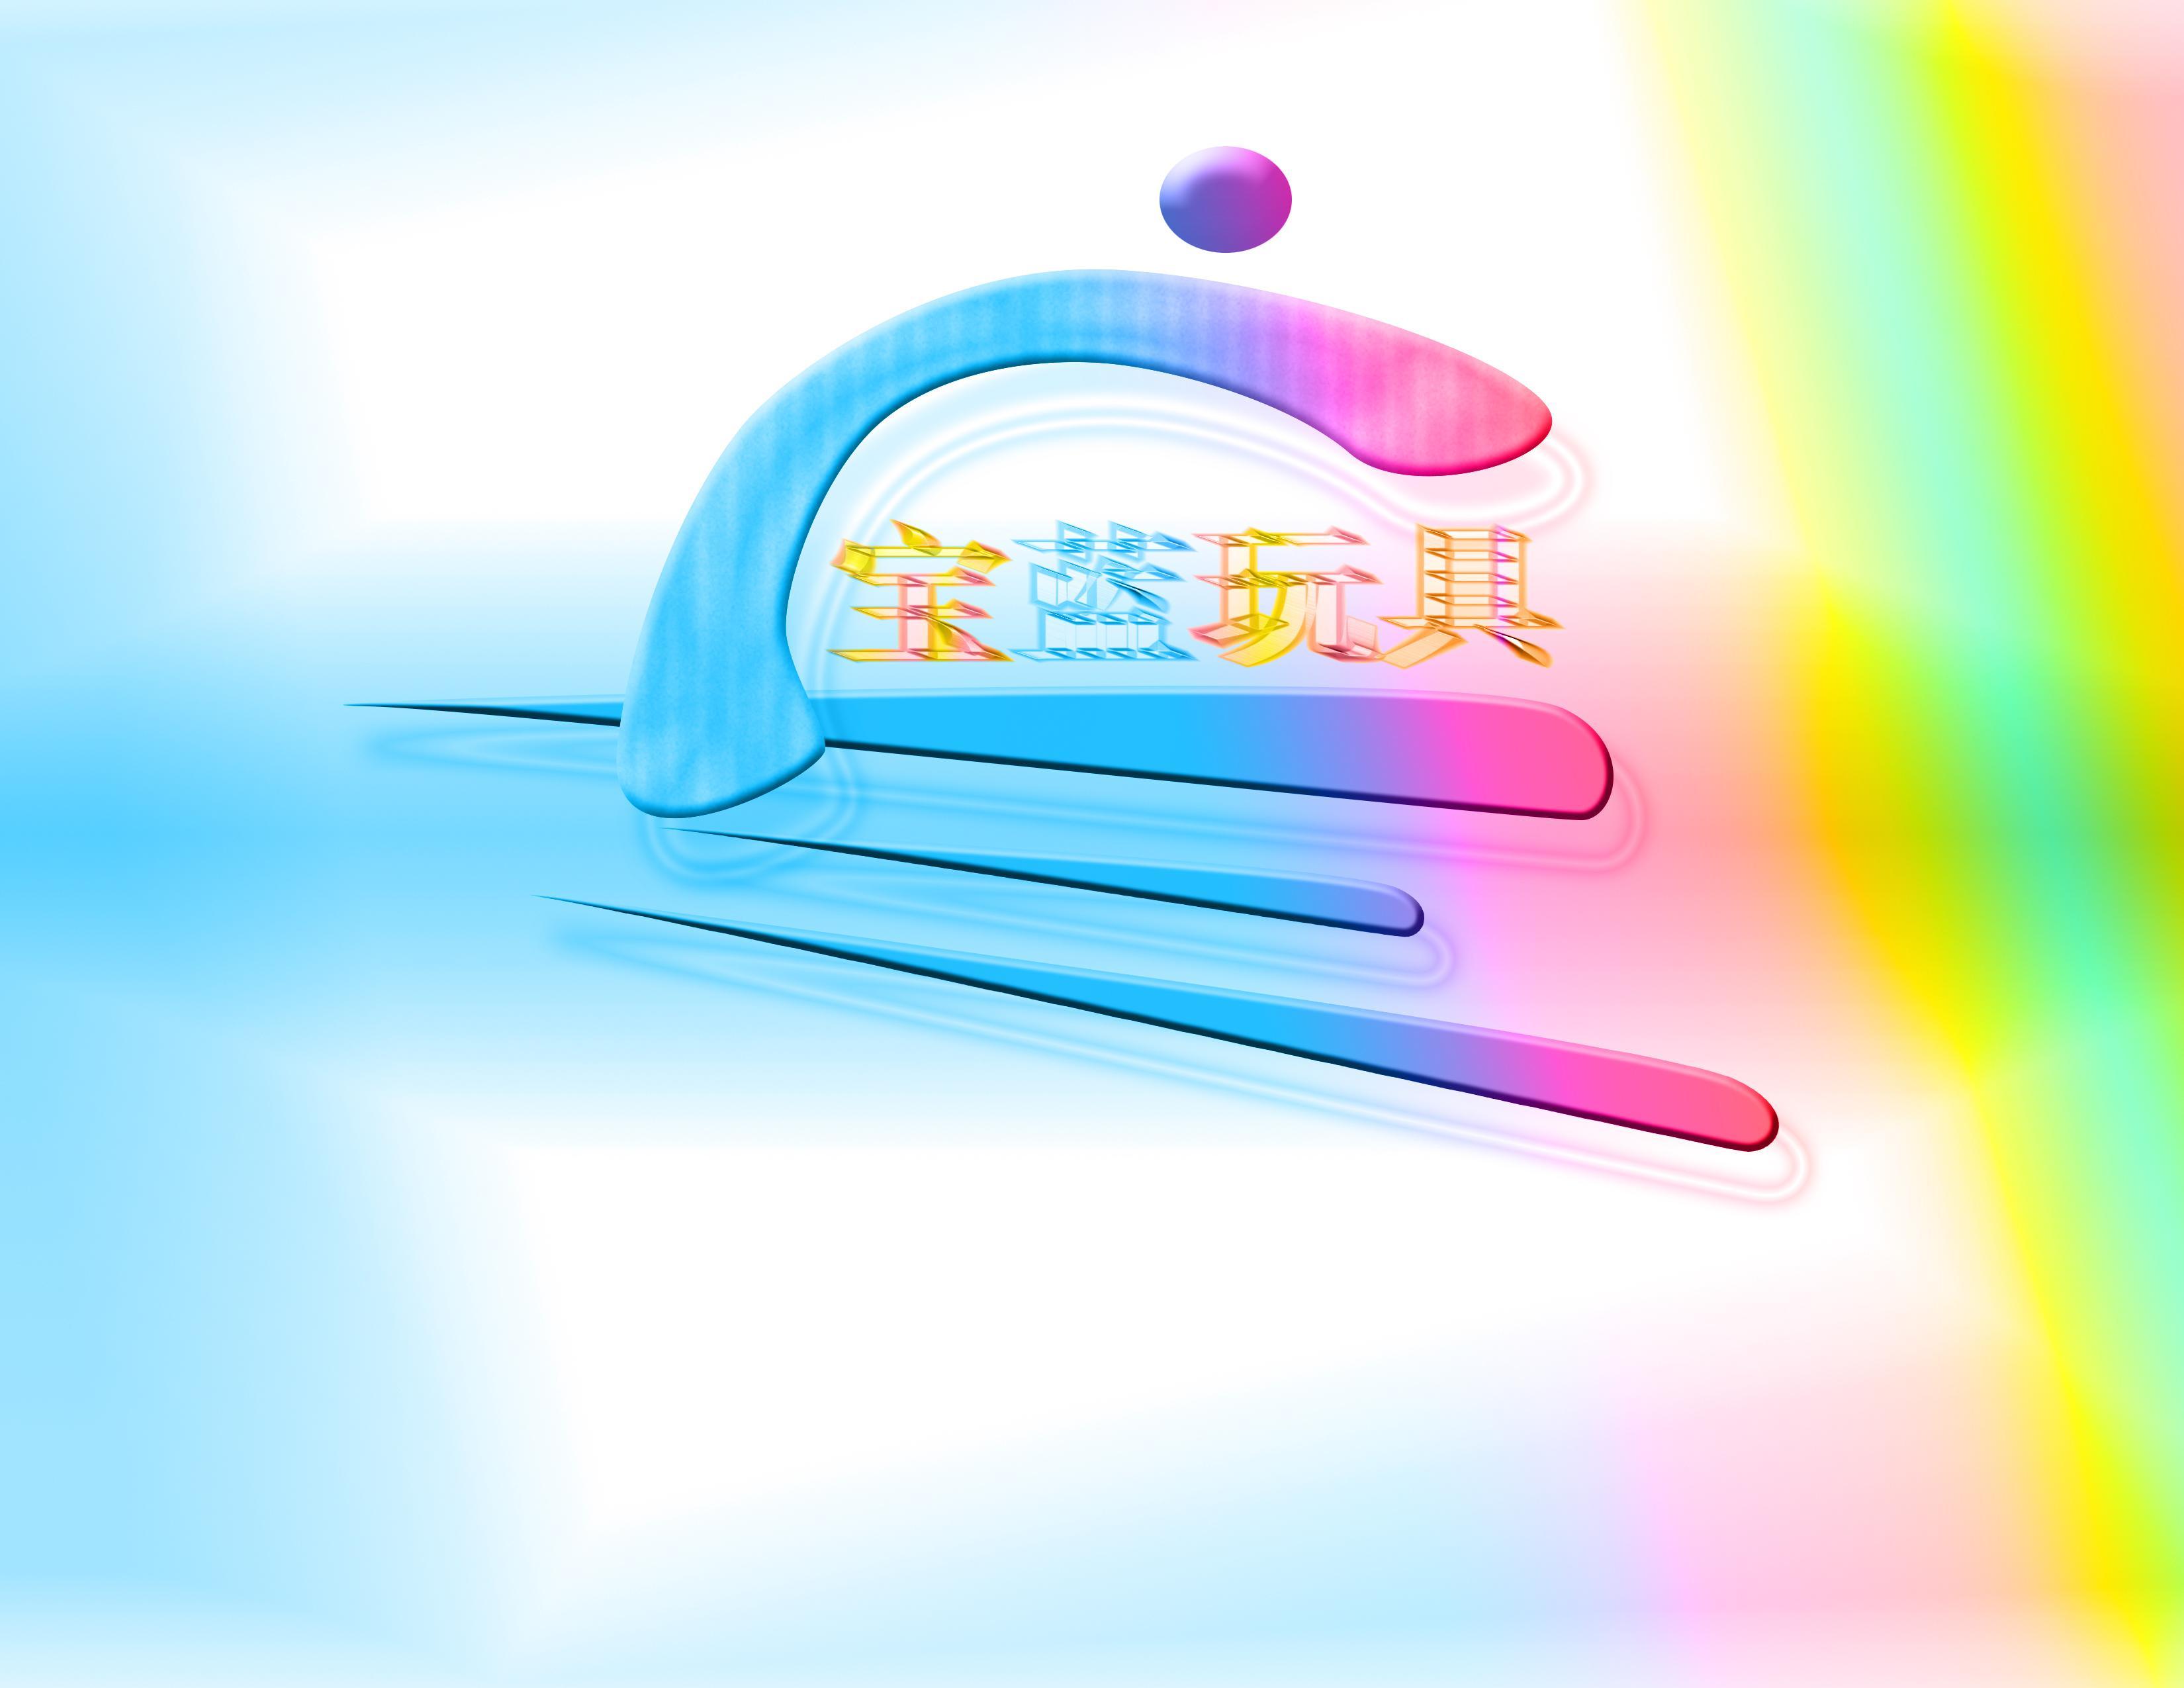 玩具品牌logo设计